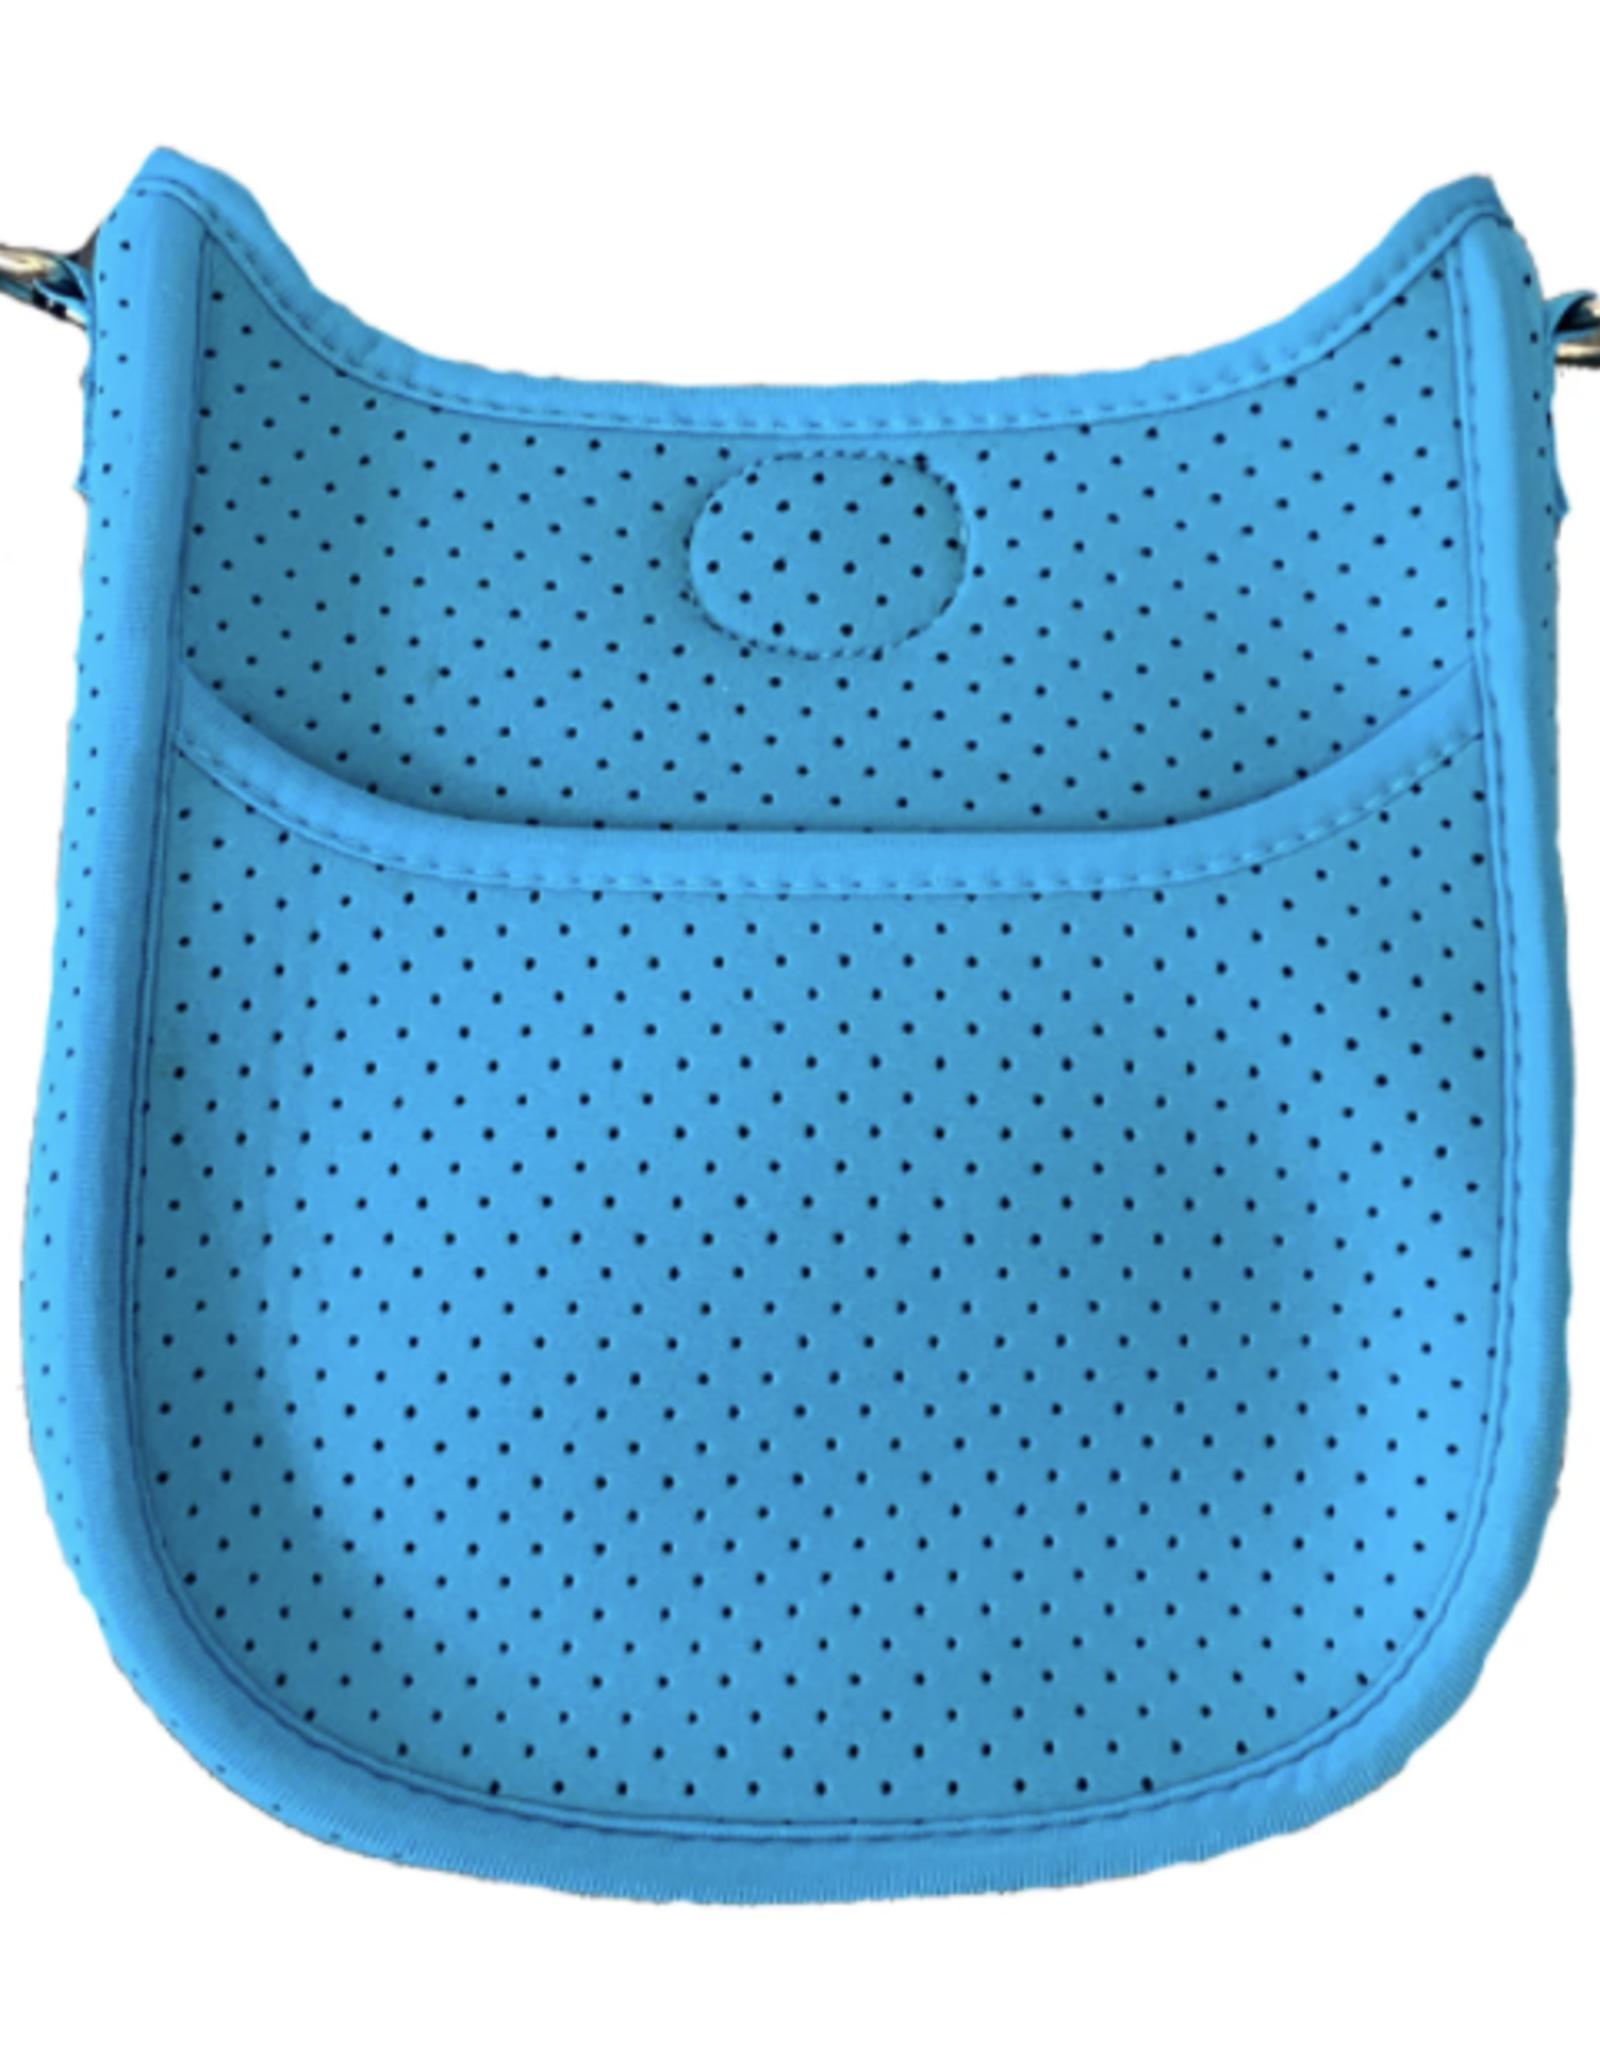 Ah!Dorned Messenger Bag